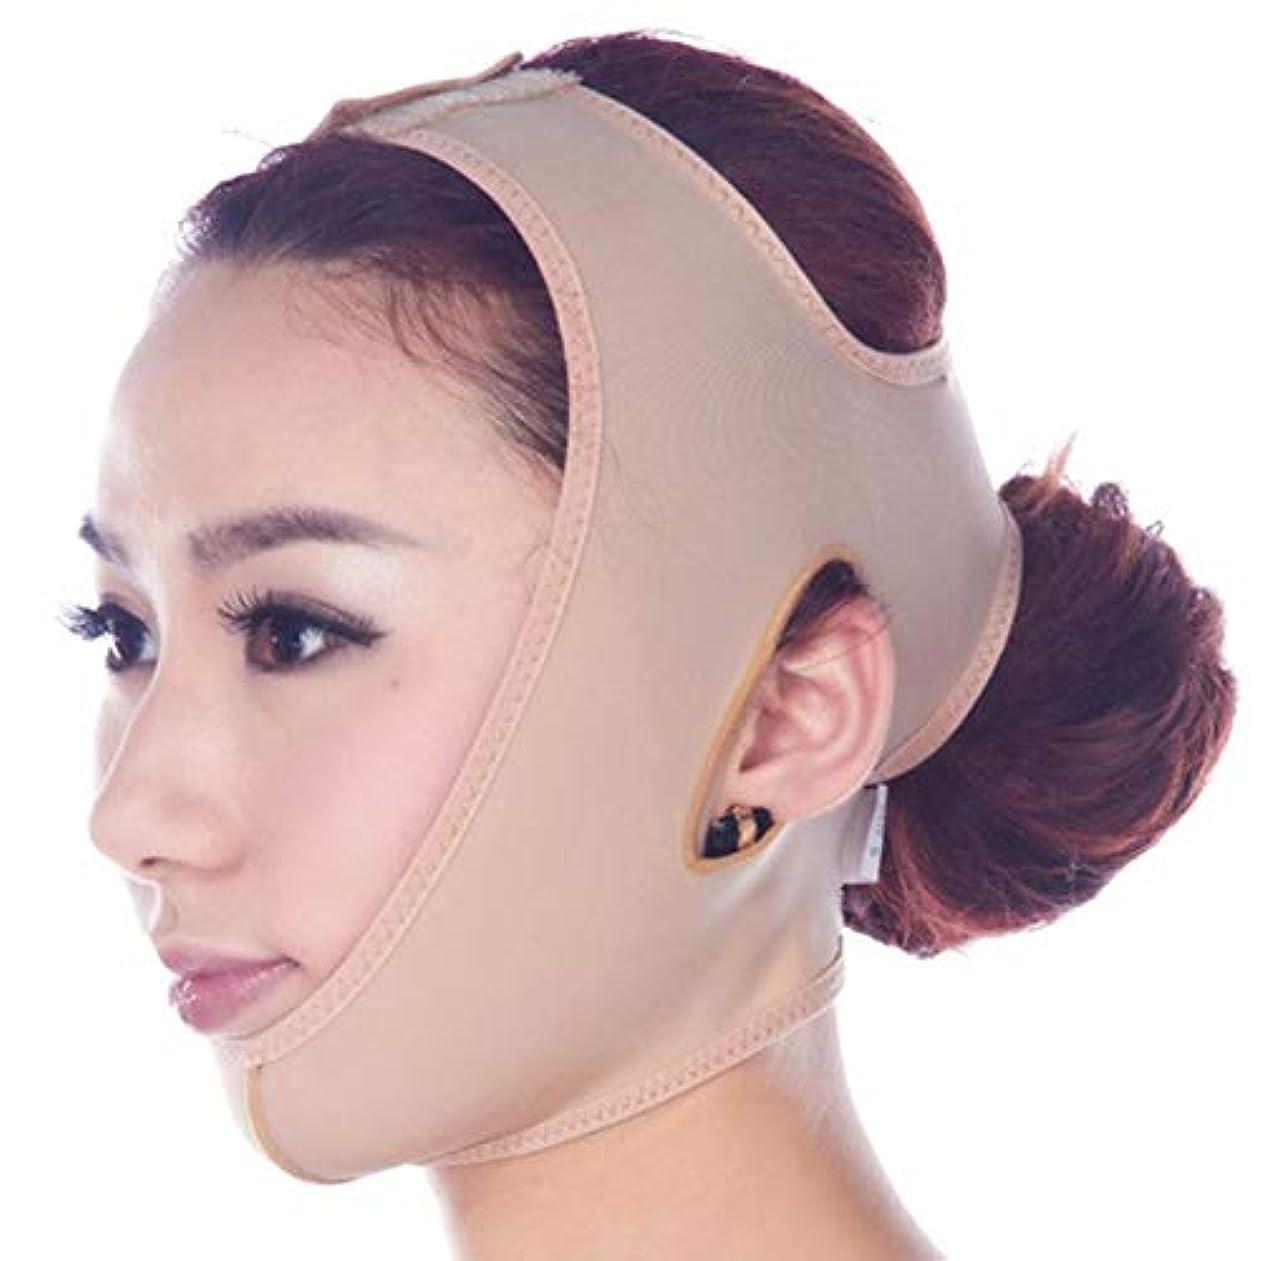 剛性無数の固めるフェイスリフトアップベルトマスク痩身包帯スキンケアシェイパーは、二重顎Thiningバンドを減らします,S